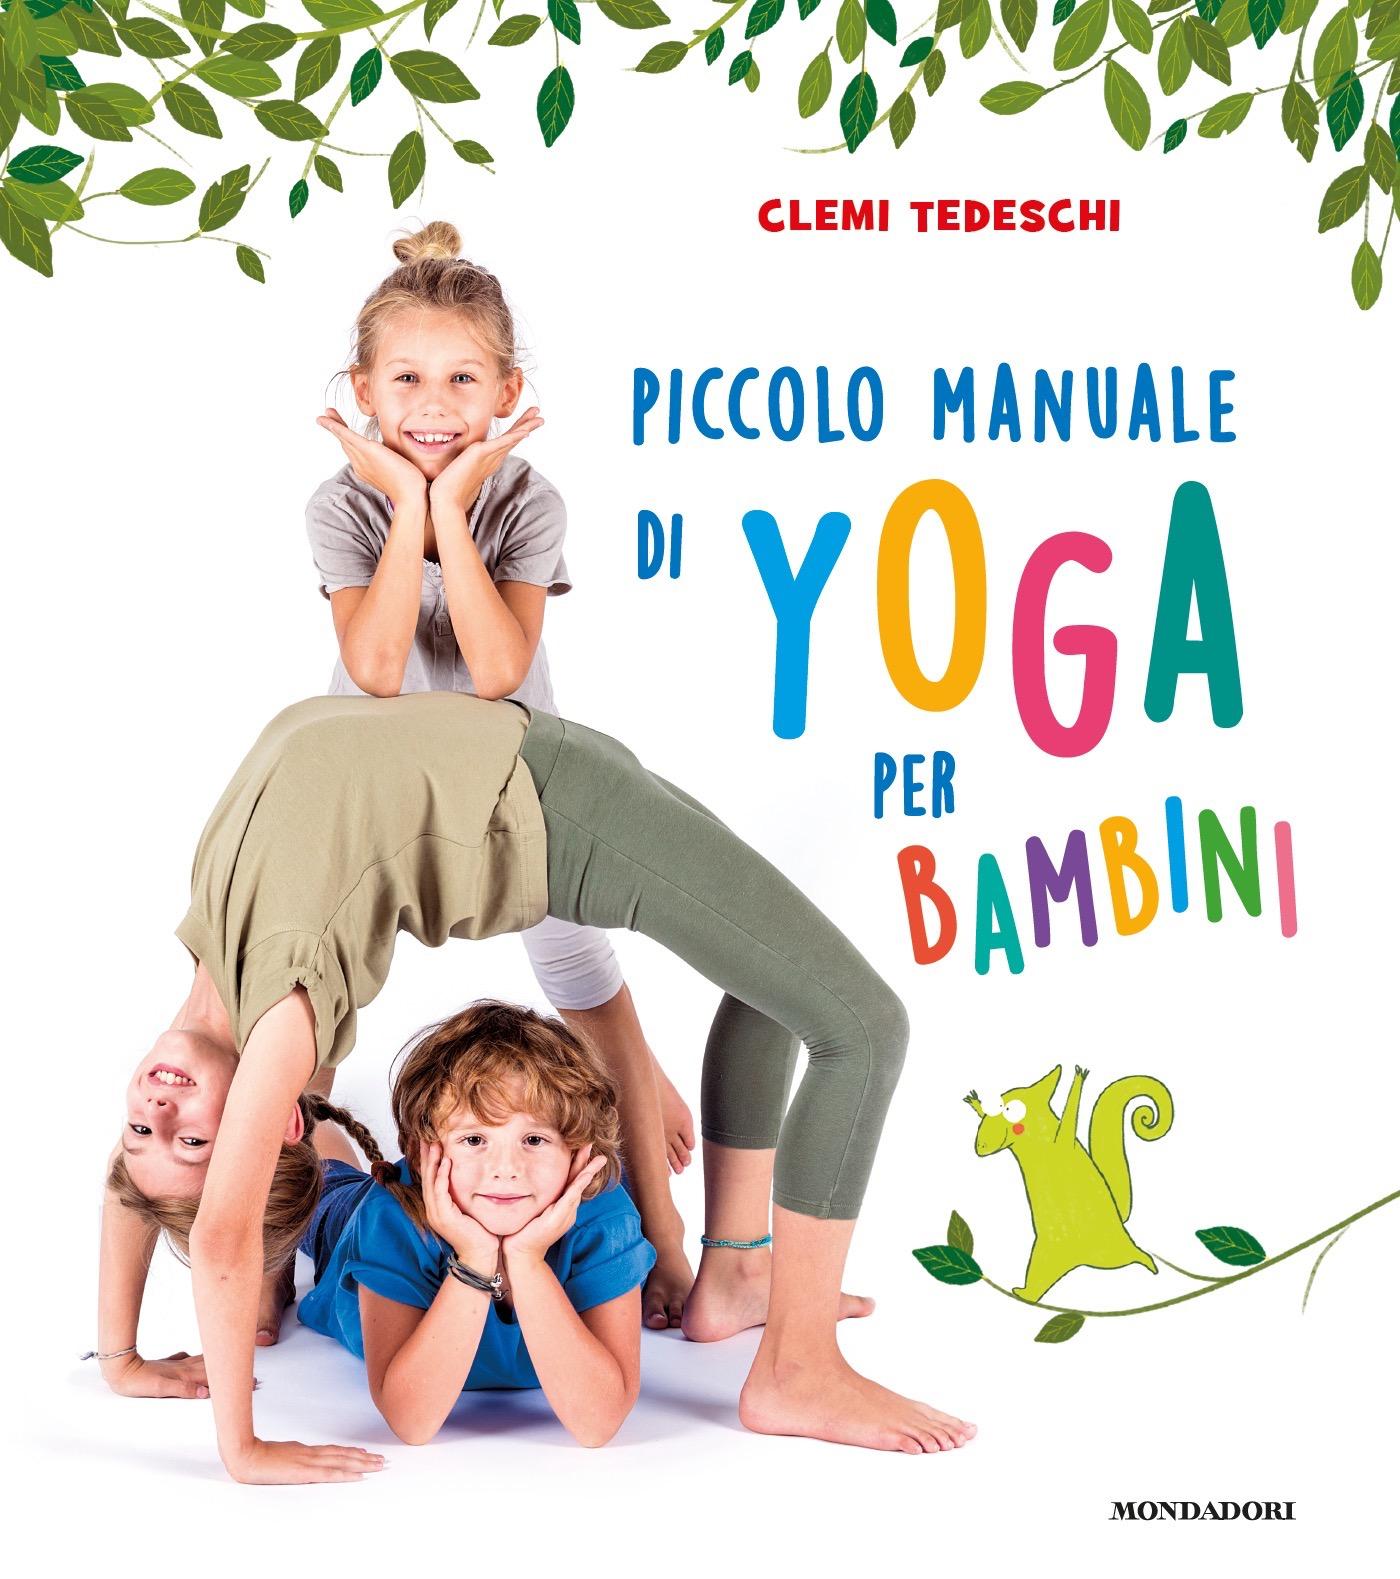 Piccolo manuale di yoga per bambini - Clemi Tedeschi - Mondadori